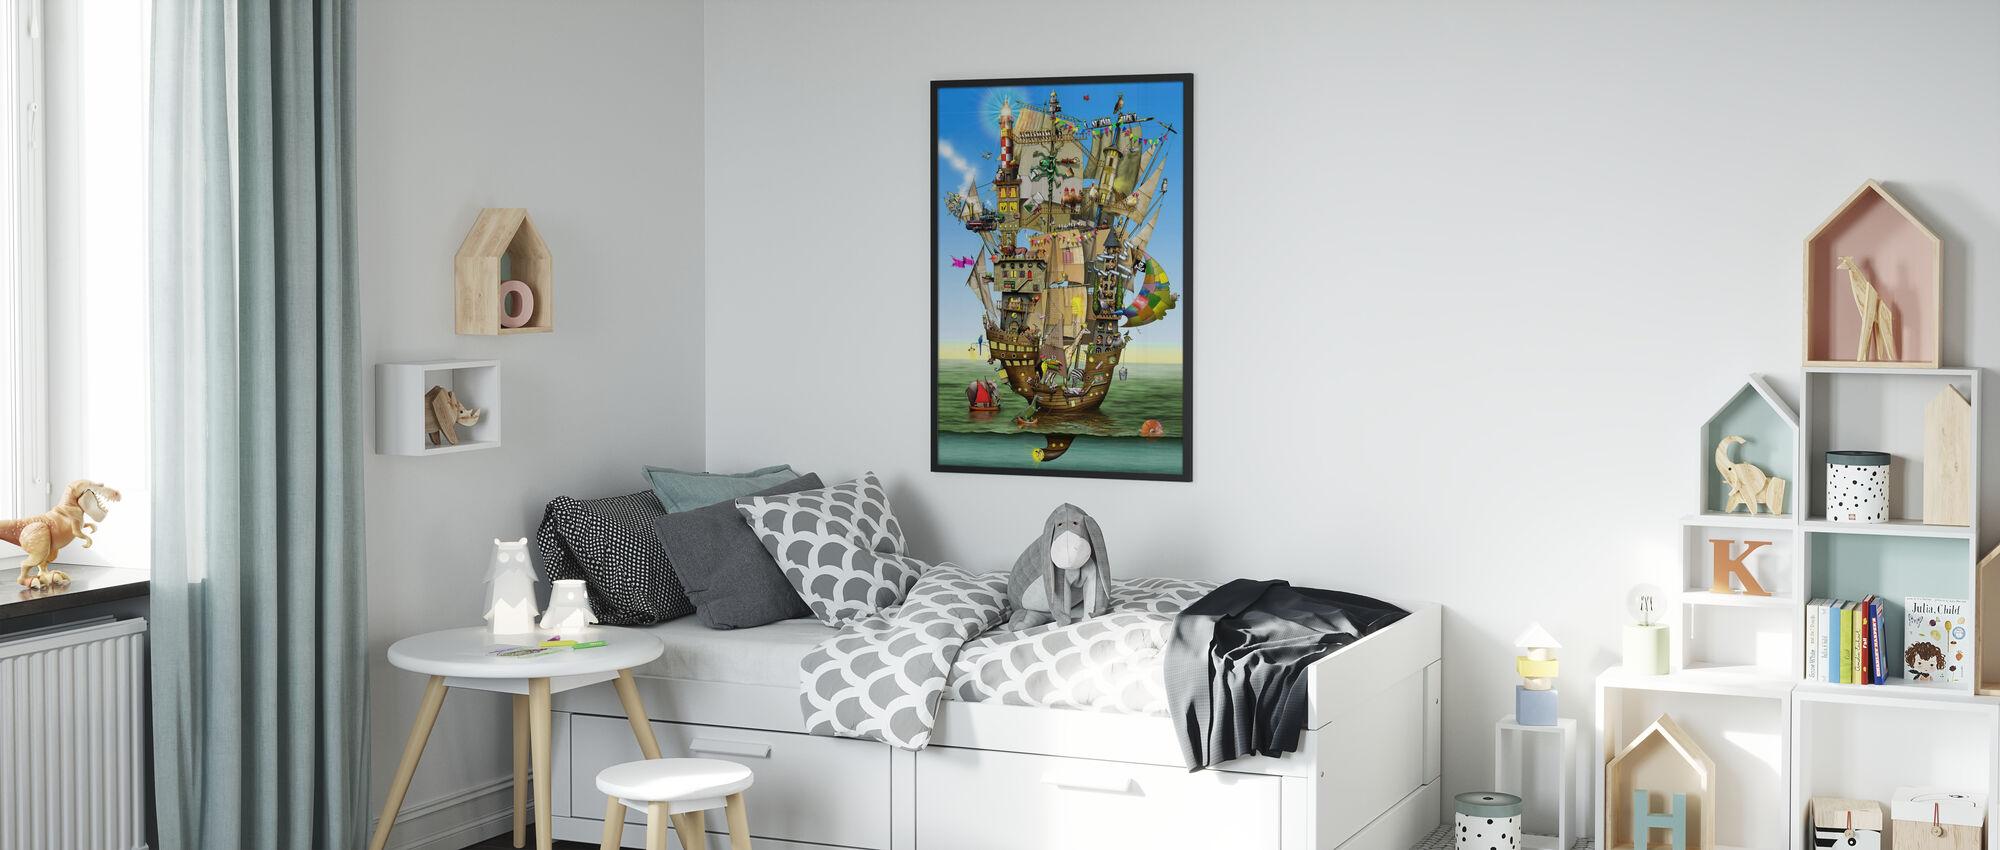 Norah's Ark - Poster - Kids Room